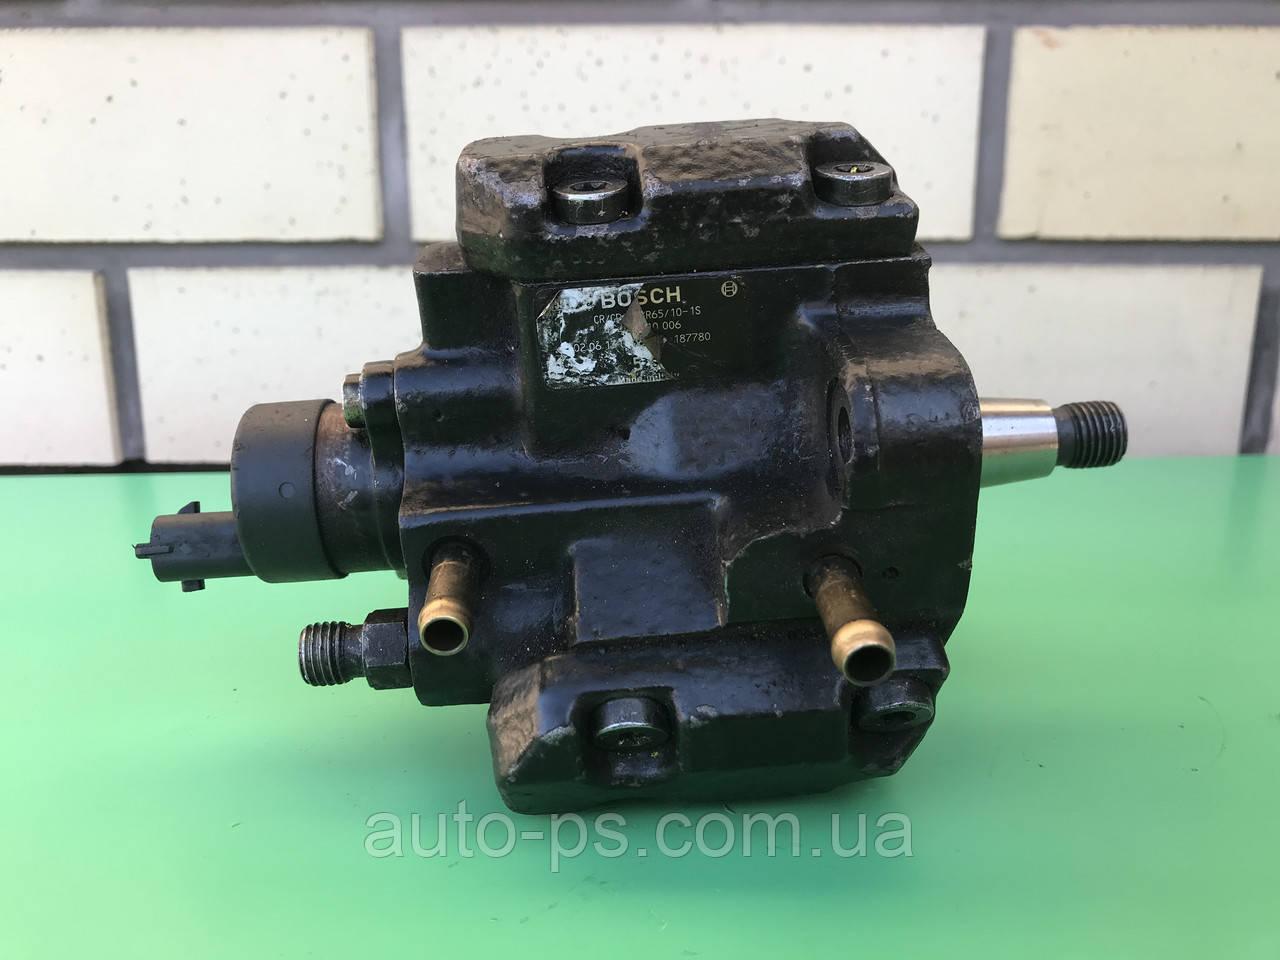 Паливний насос високого тиску (ТНВД) Alfa Romeo 166 2.4 JTD 1998-2007 рік